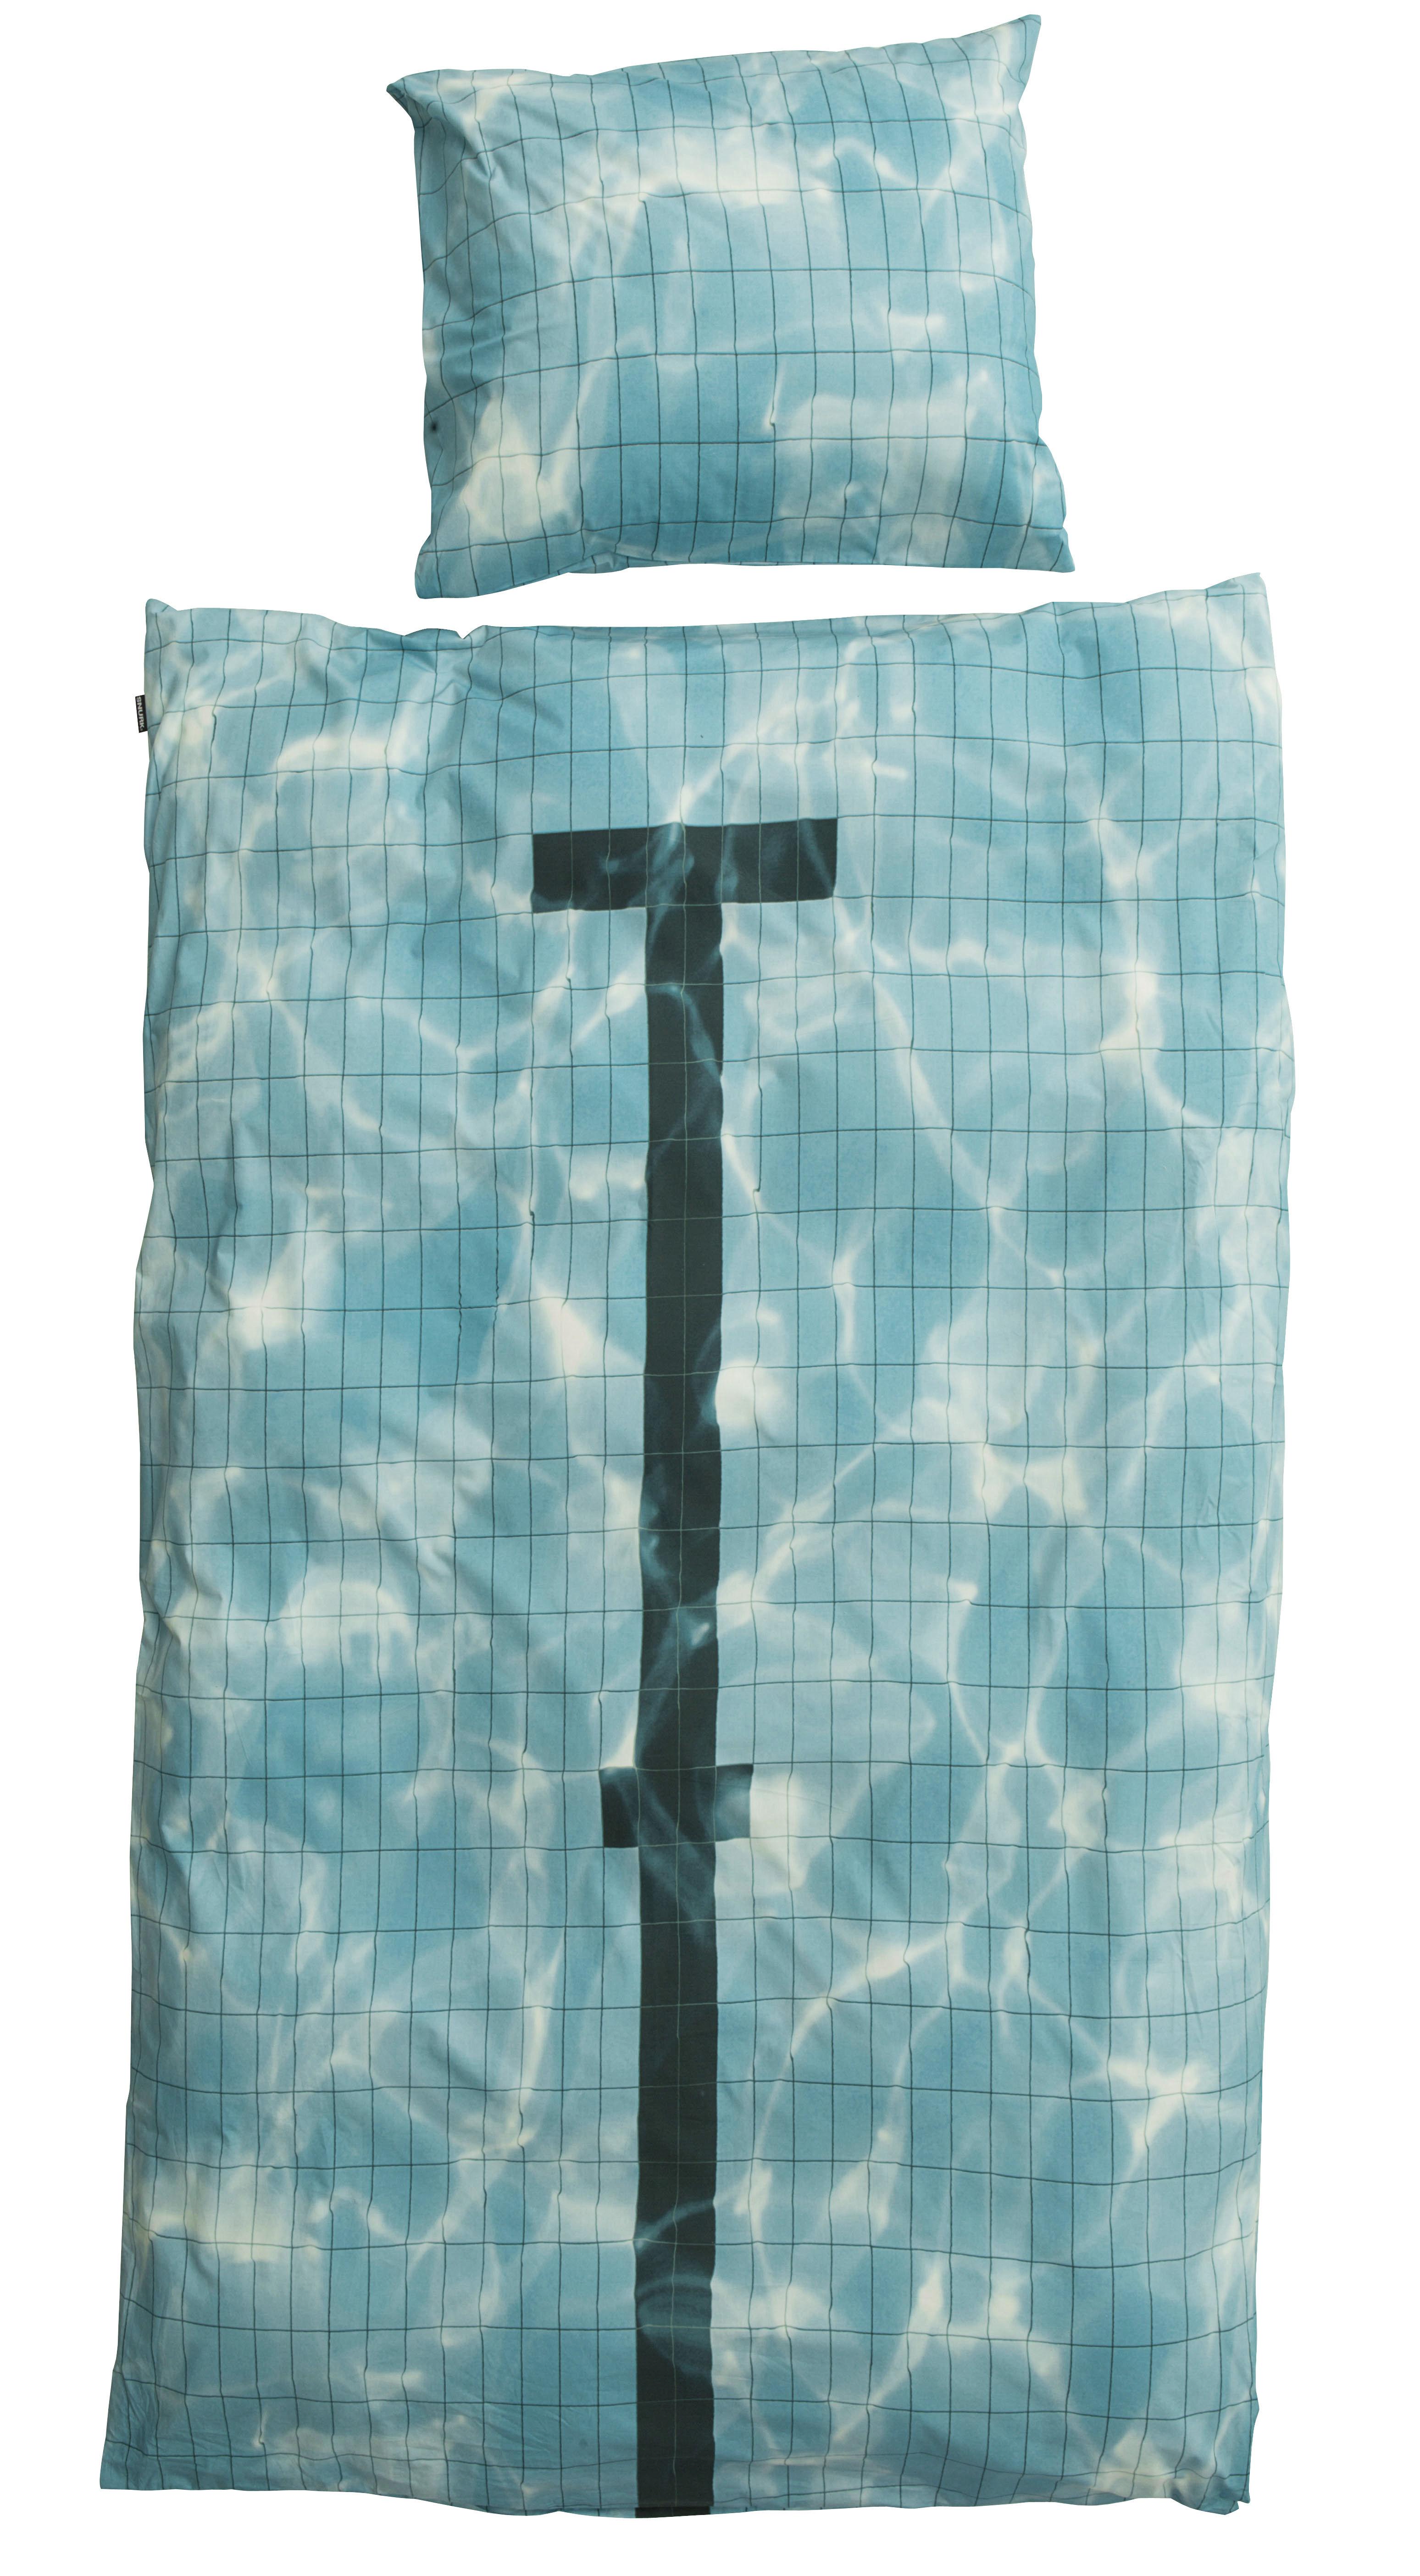 Dekoration - Für Kinder - Pool Bettwäsche-Set für 1 Person / 2-teilig - 140 x 200 cm - Snurk - Schwimmbad - Percale de coton